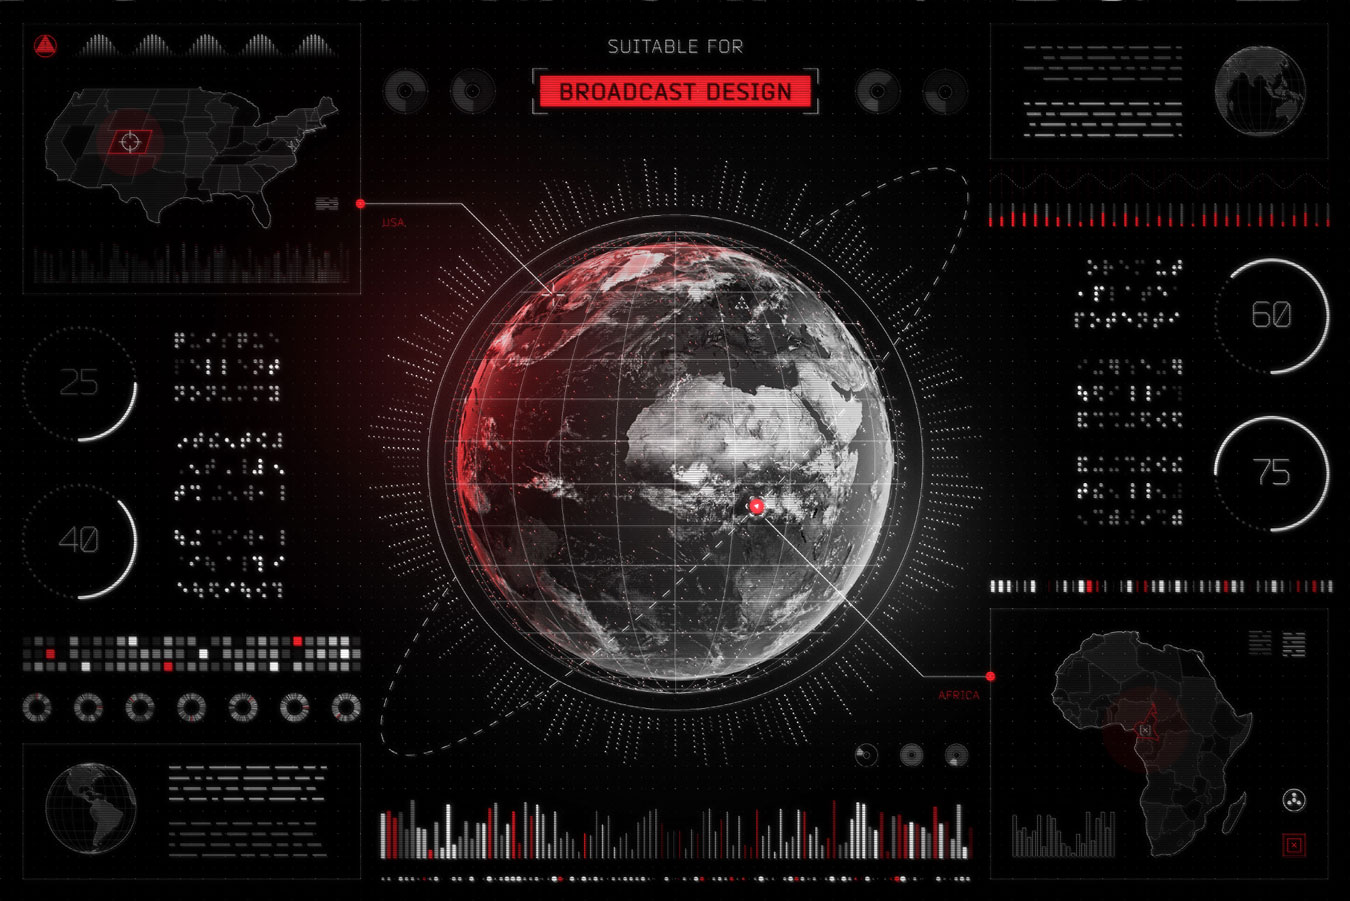 超炫酷科幻航空航天数据信息HUD仪表盘UI设计模板套件 Futuristic UI Kit • 200+ Design Elements插图(11)